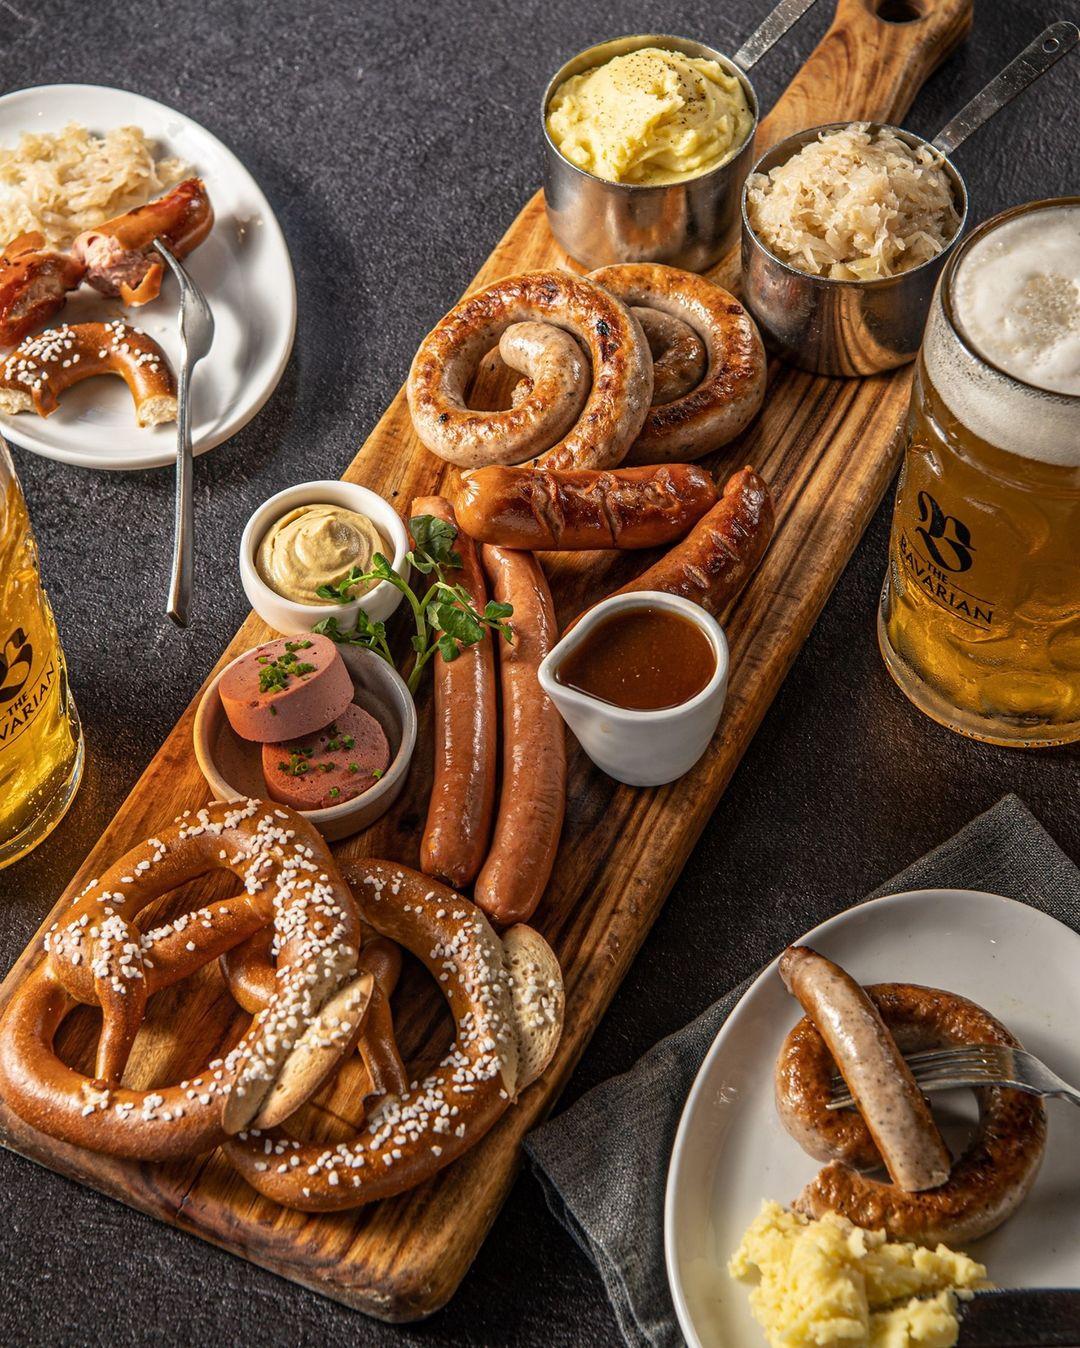 The Bavarian, Manly - Winter Platter